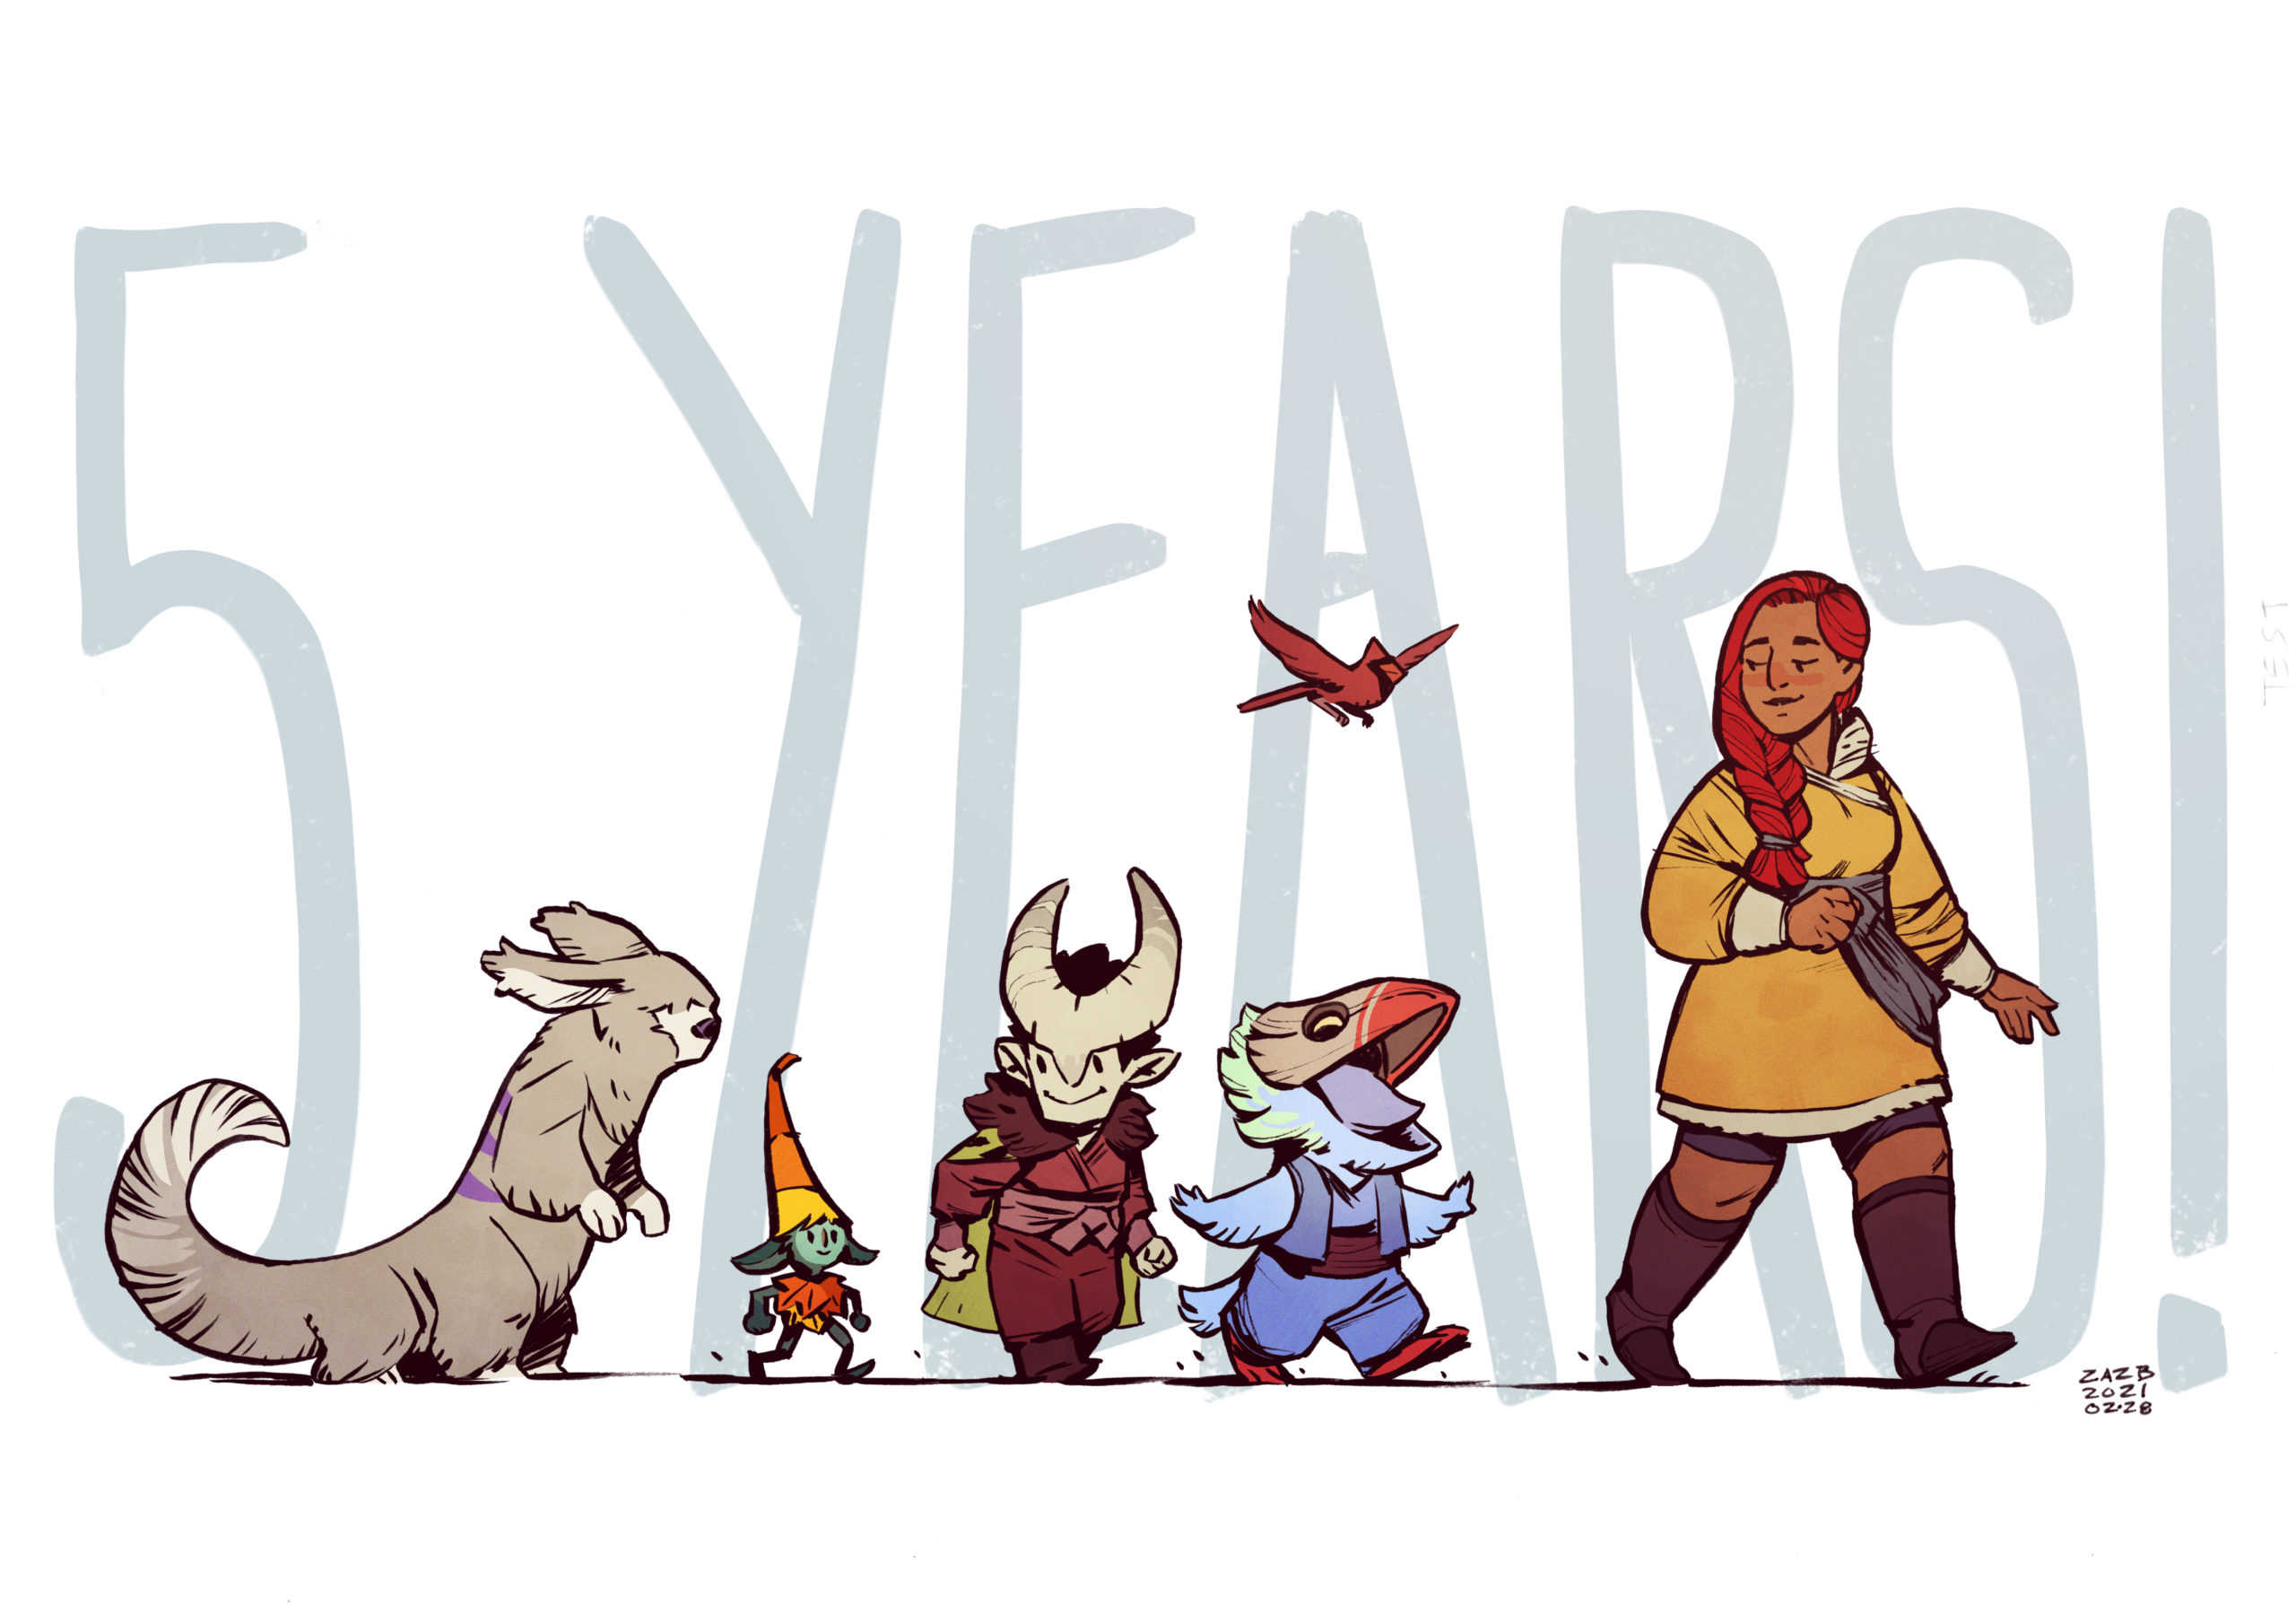 Five years anniversary!